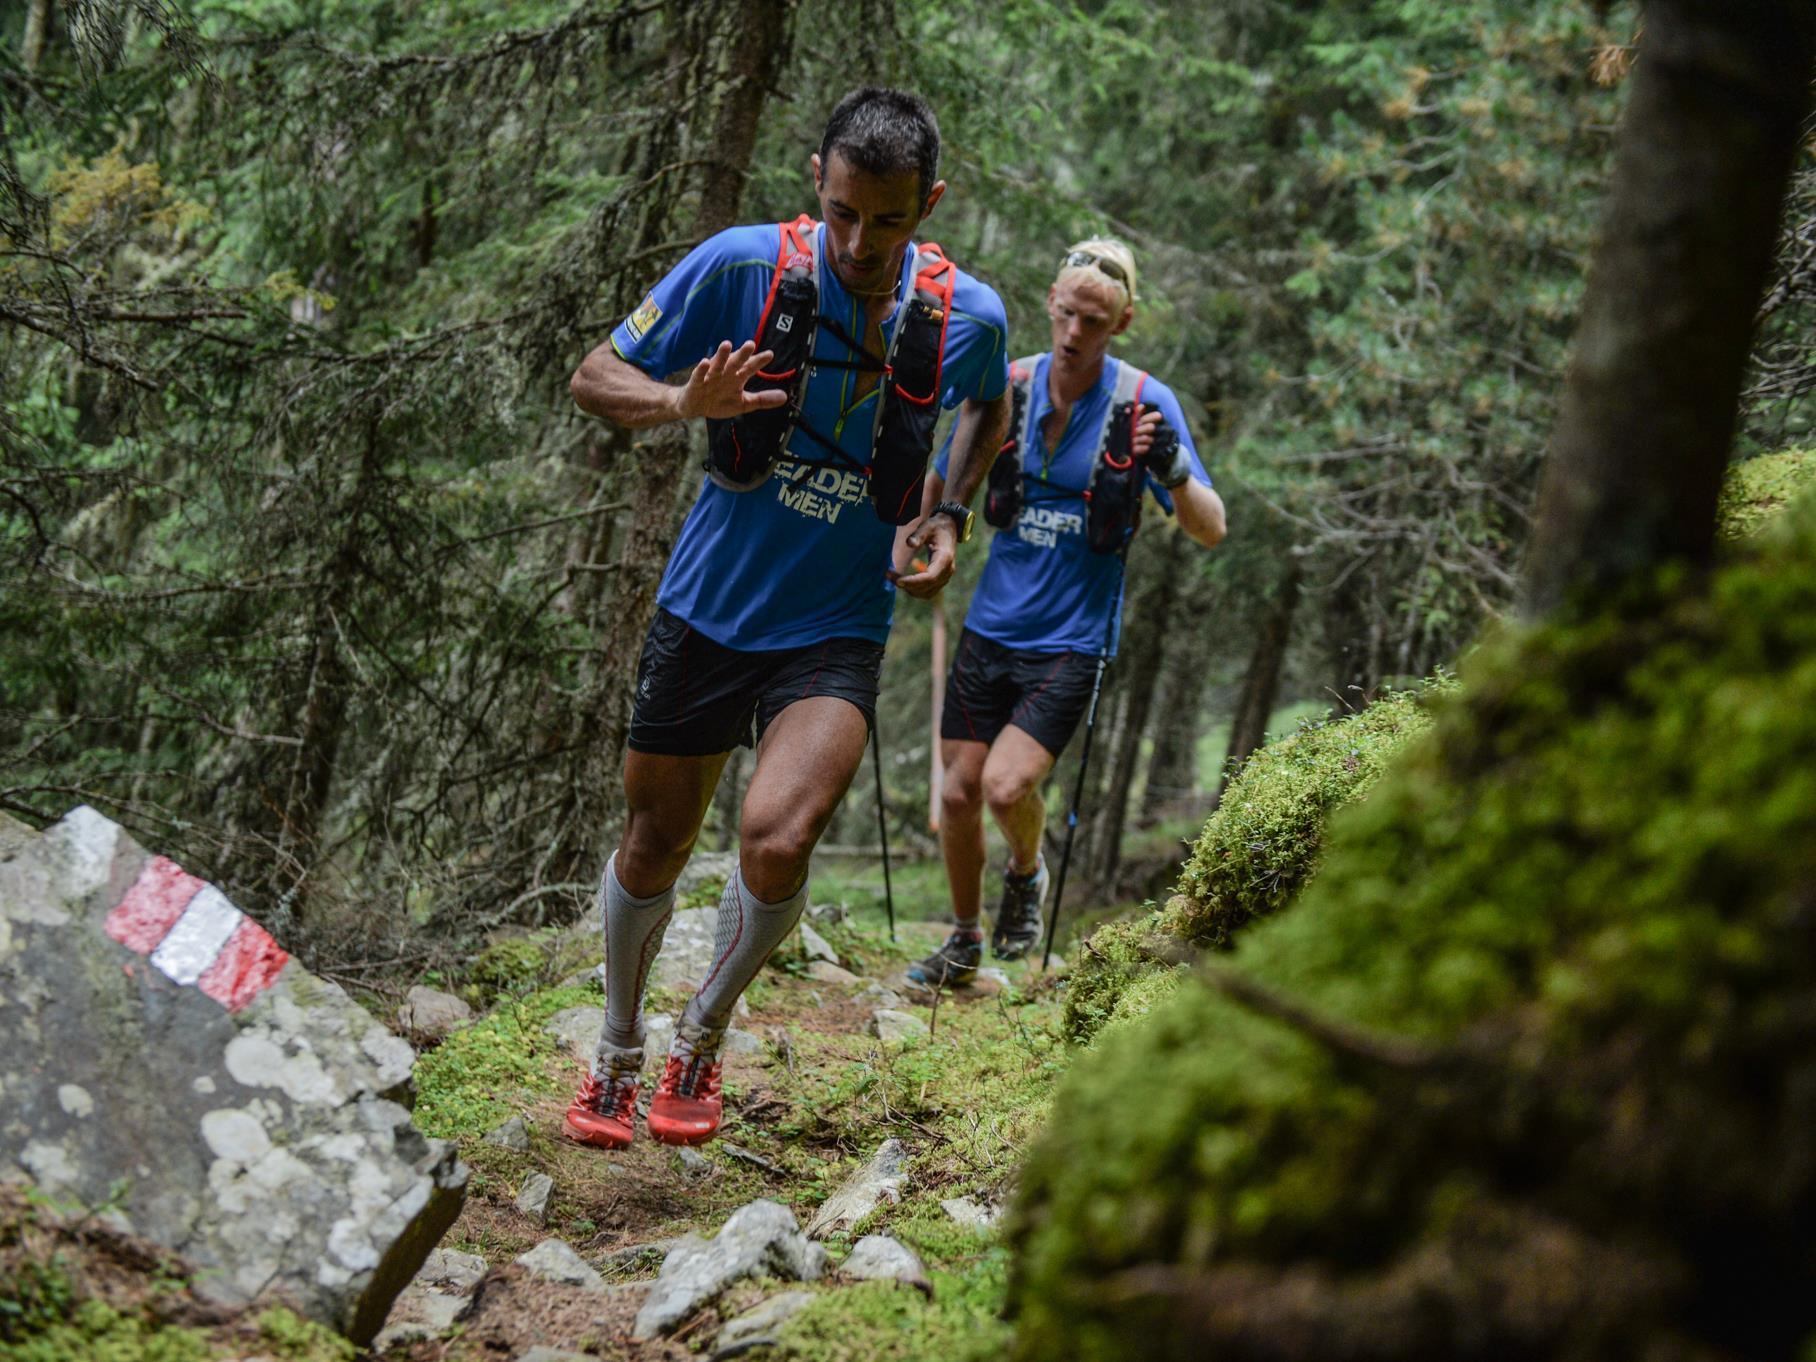 Trail running training at Solda